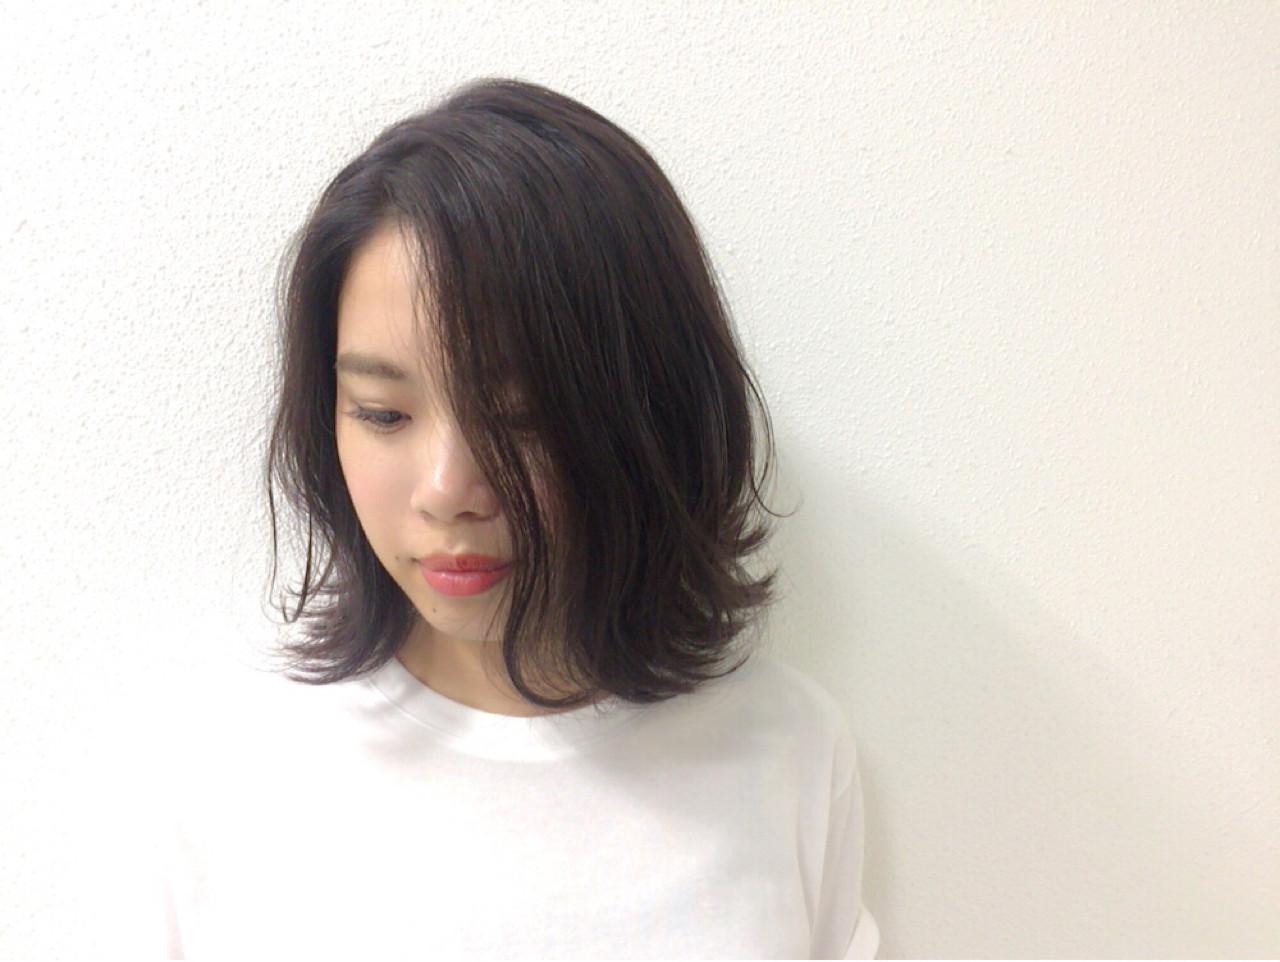 肩ひじ張らないナチュラルな無造作ボブディ Taniguchi Yukiko